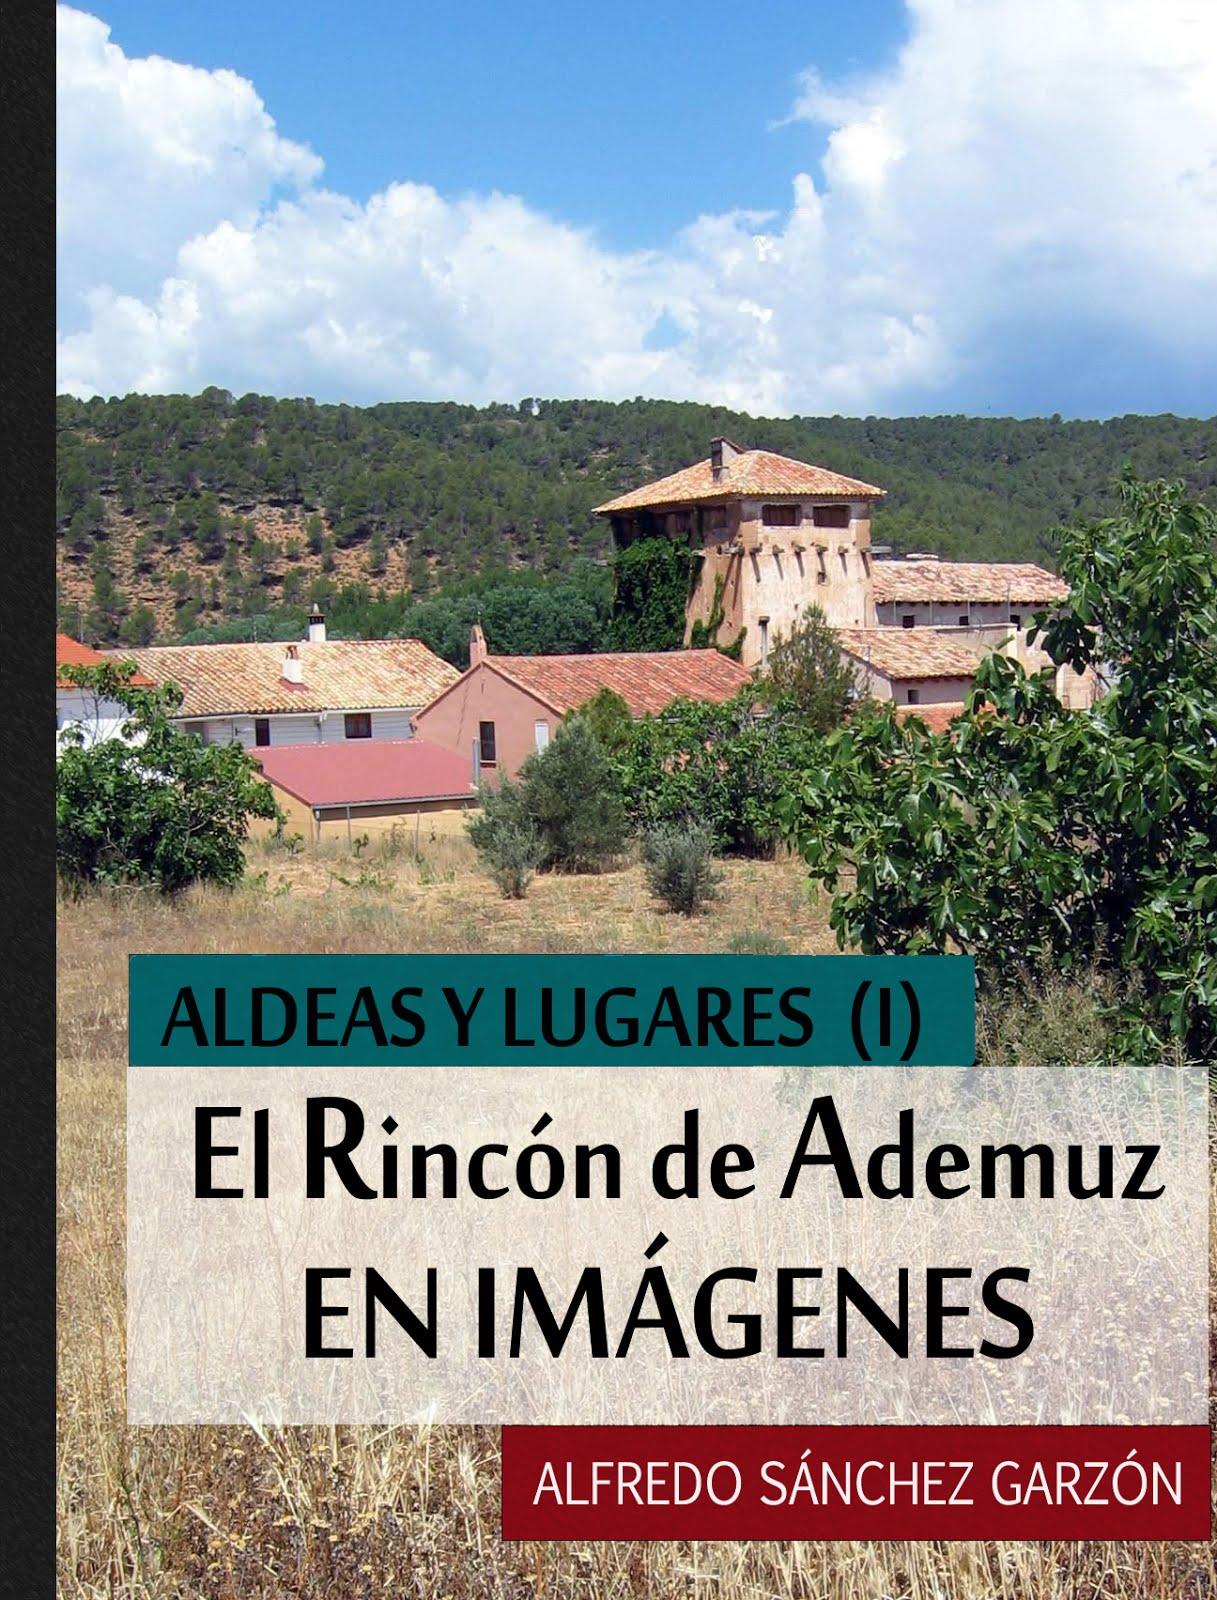 EL RINCÓN DE ADEMUZ EN IMÁGENES: ALDEAS Y LUGARES